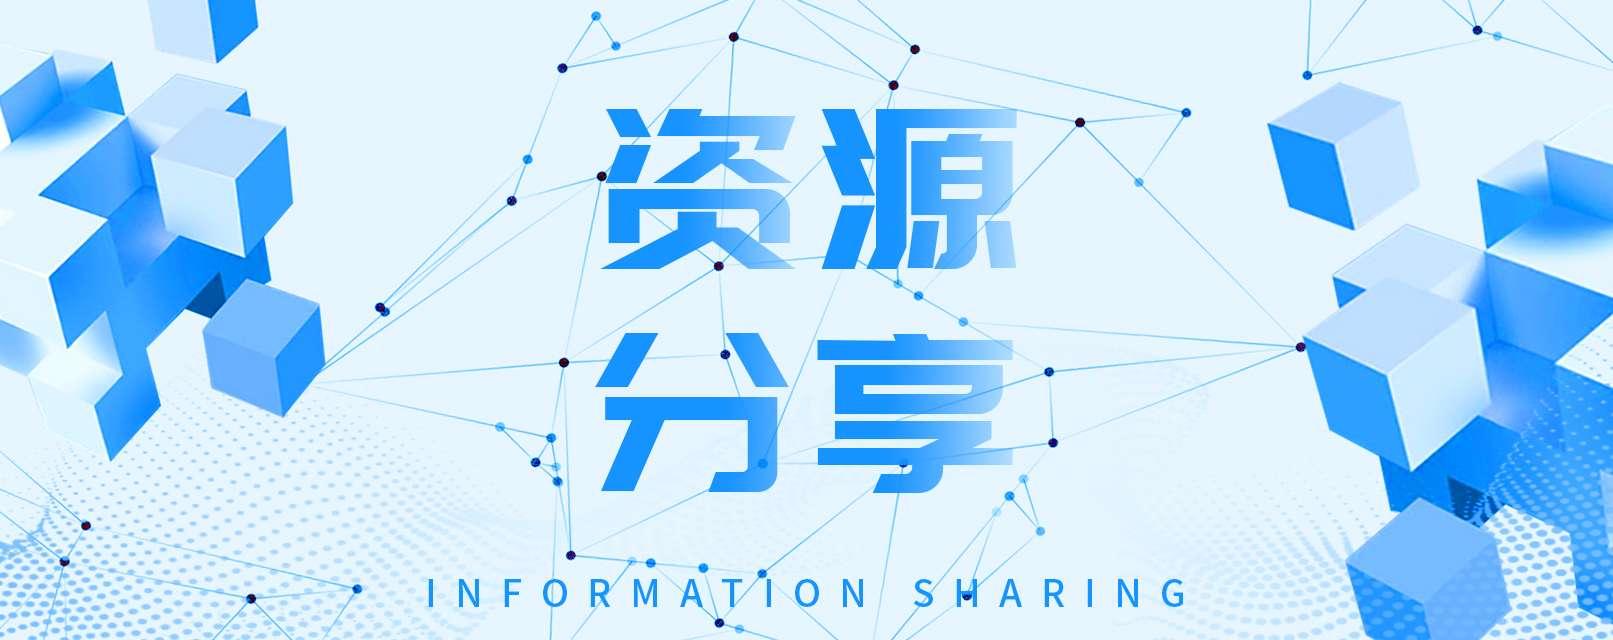 【软件分享】一款简单好用的多国语言学习神器